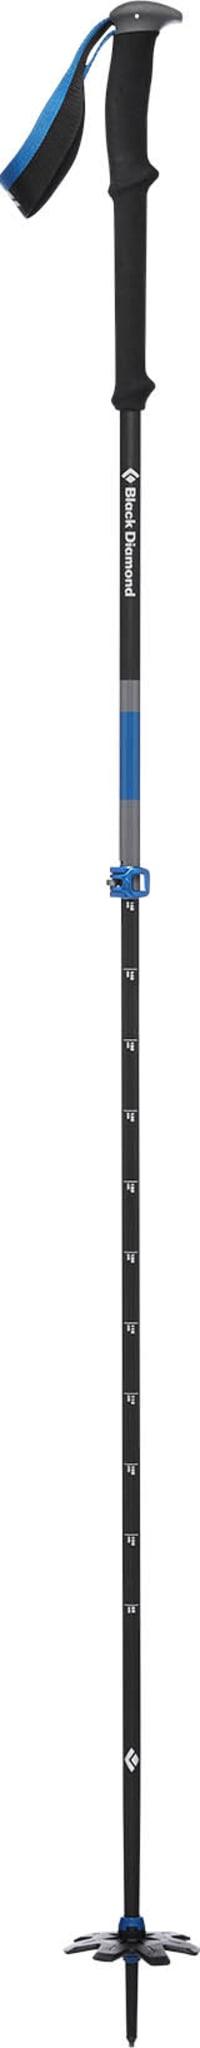 Solid aluminiumsstav med forlenget håndtak i to deler